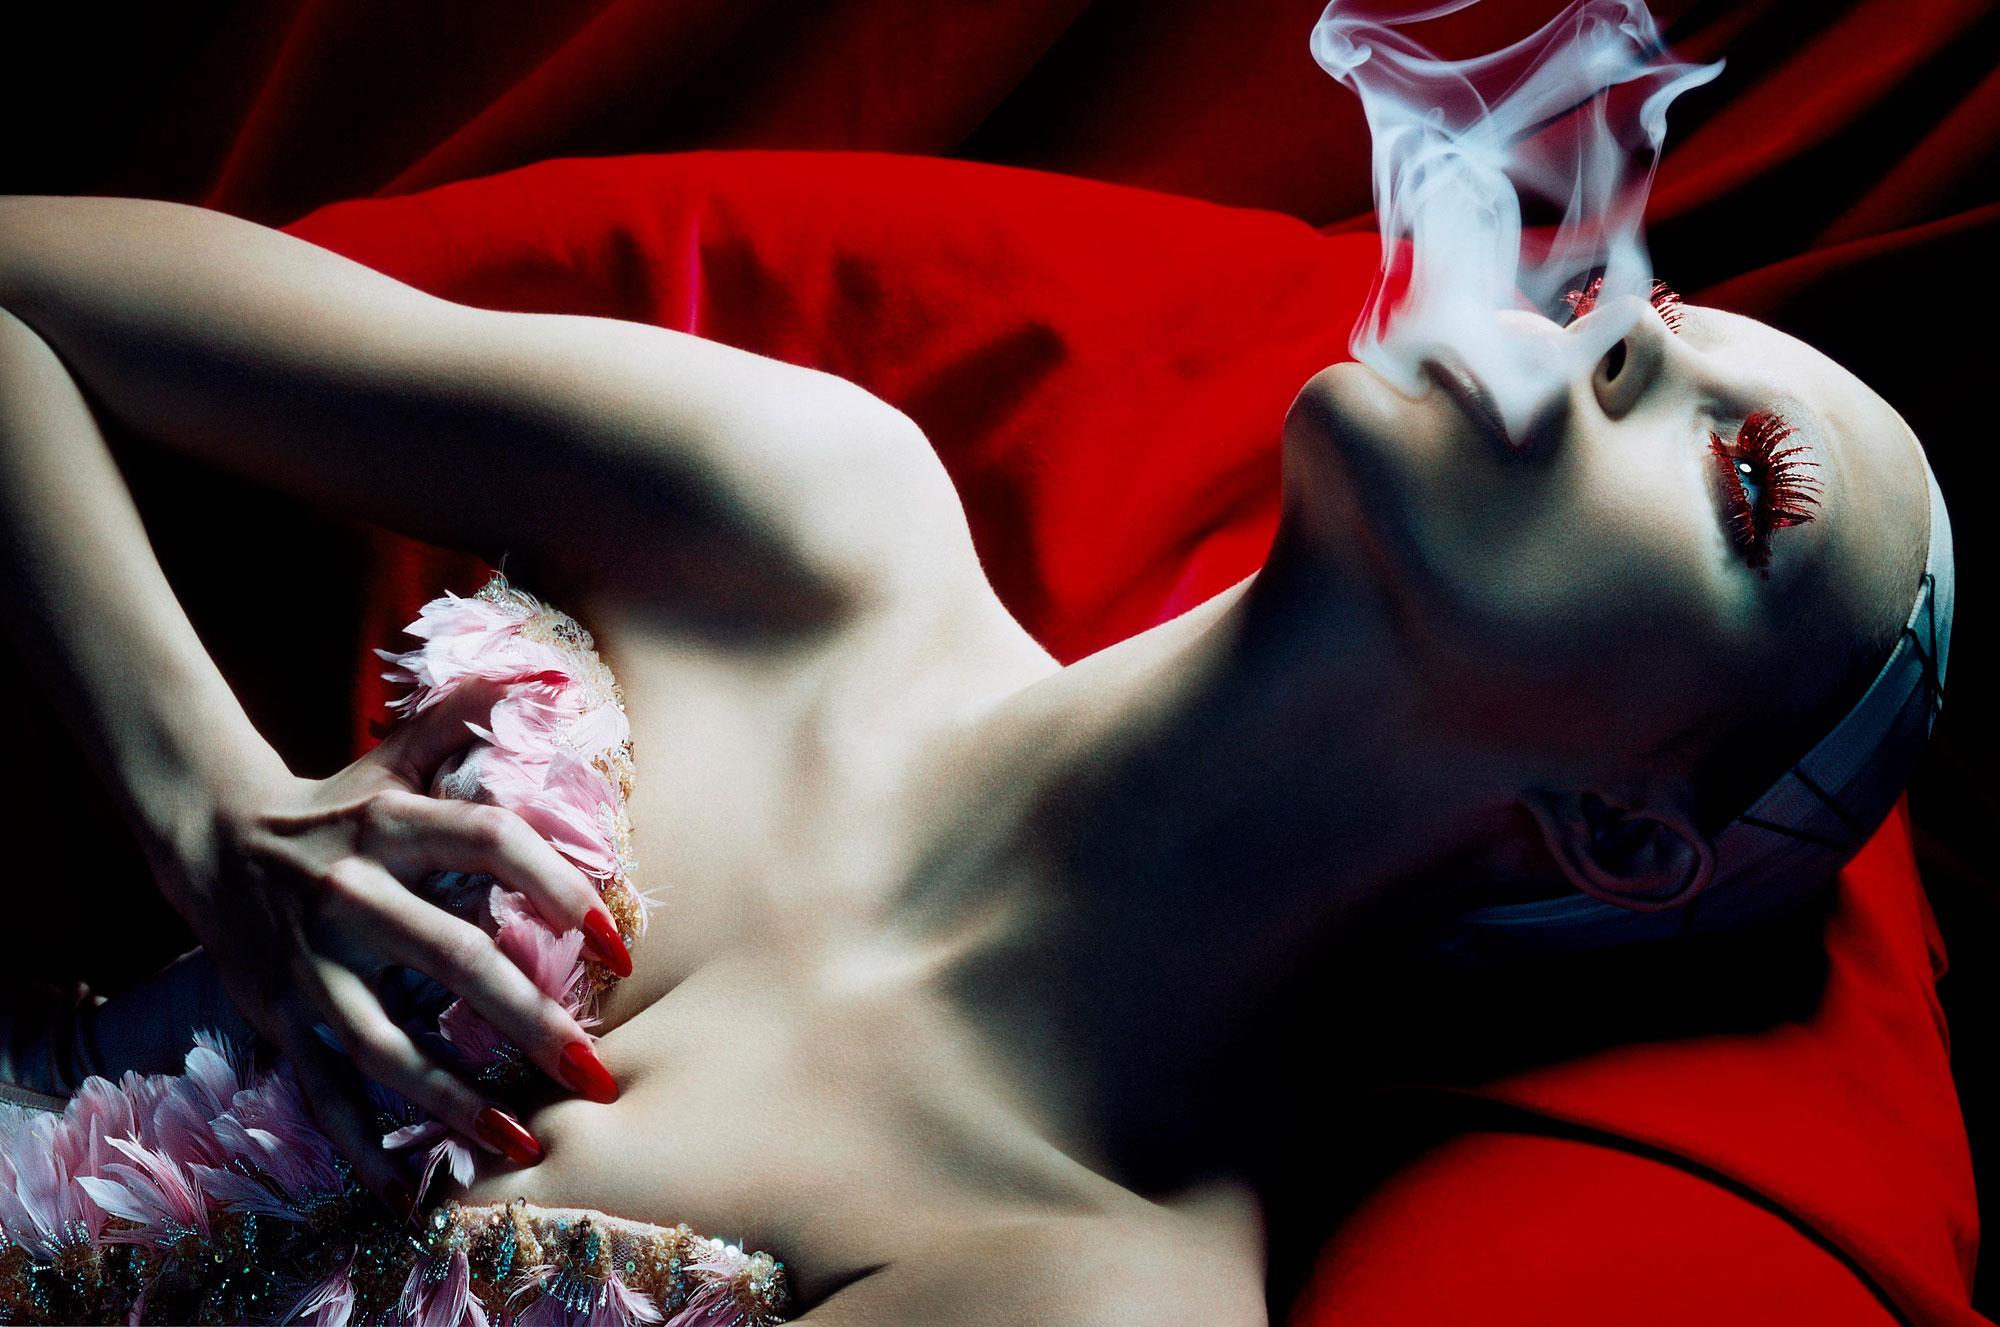 foto van vrouw vanaf middel liggend en rook uitblazend